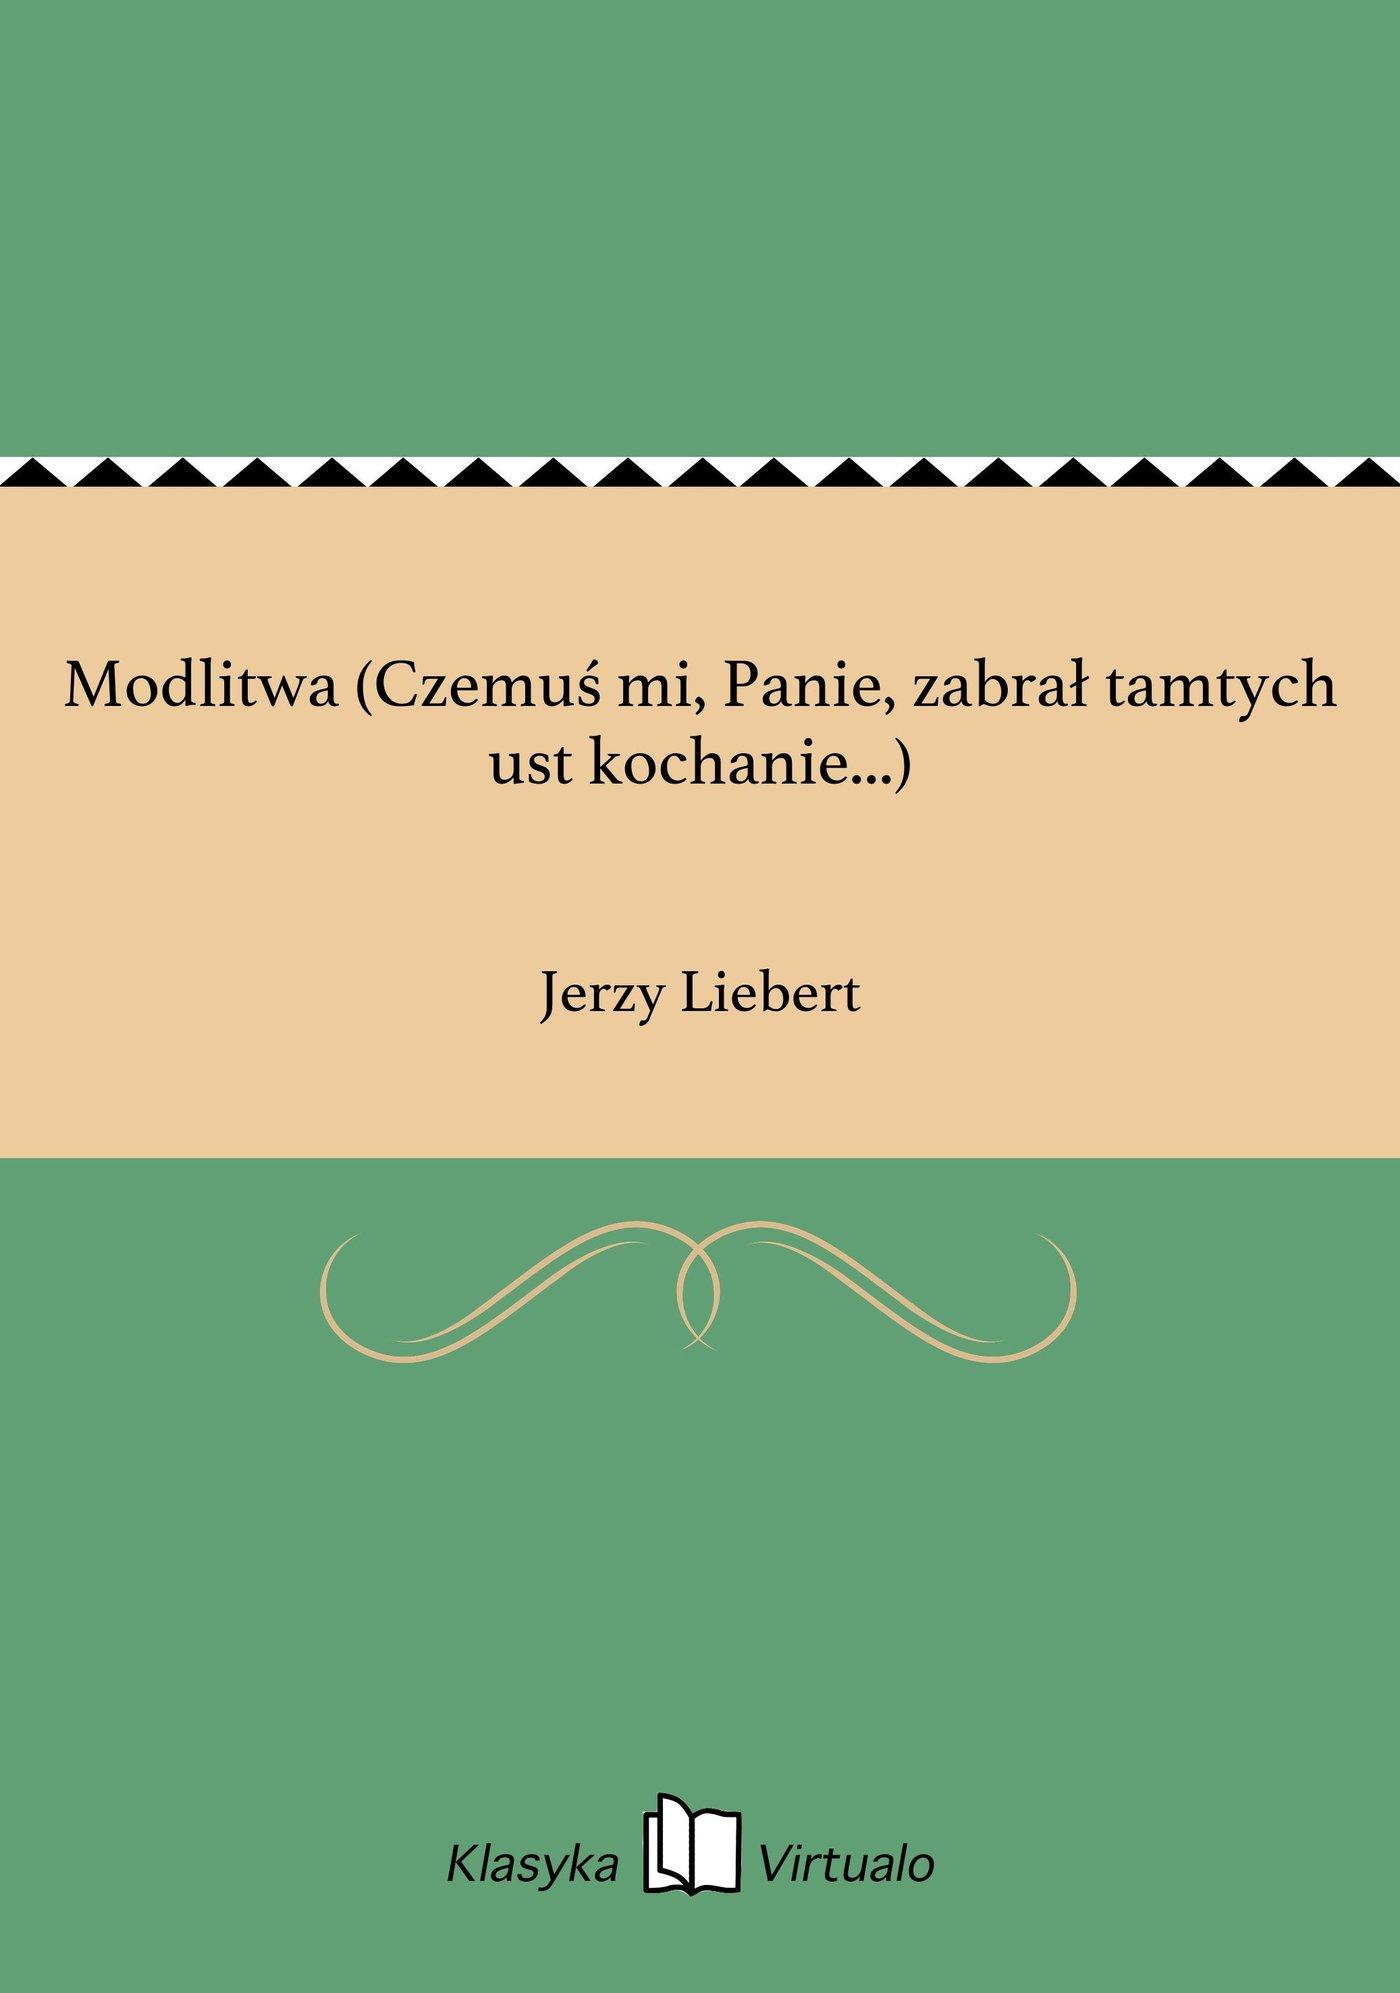 Modlitwa (Czemuś mi, Panie, zabrał tamtych ust kochanie...) - Ebook (Książka na Kindle) do pobrania w formacie MOBI